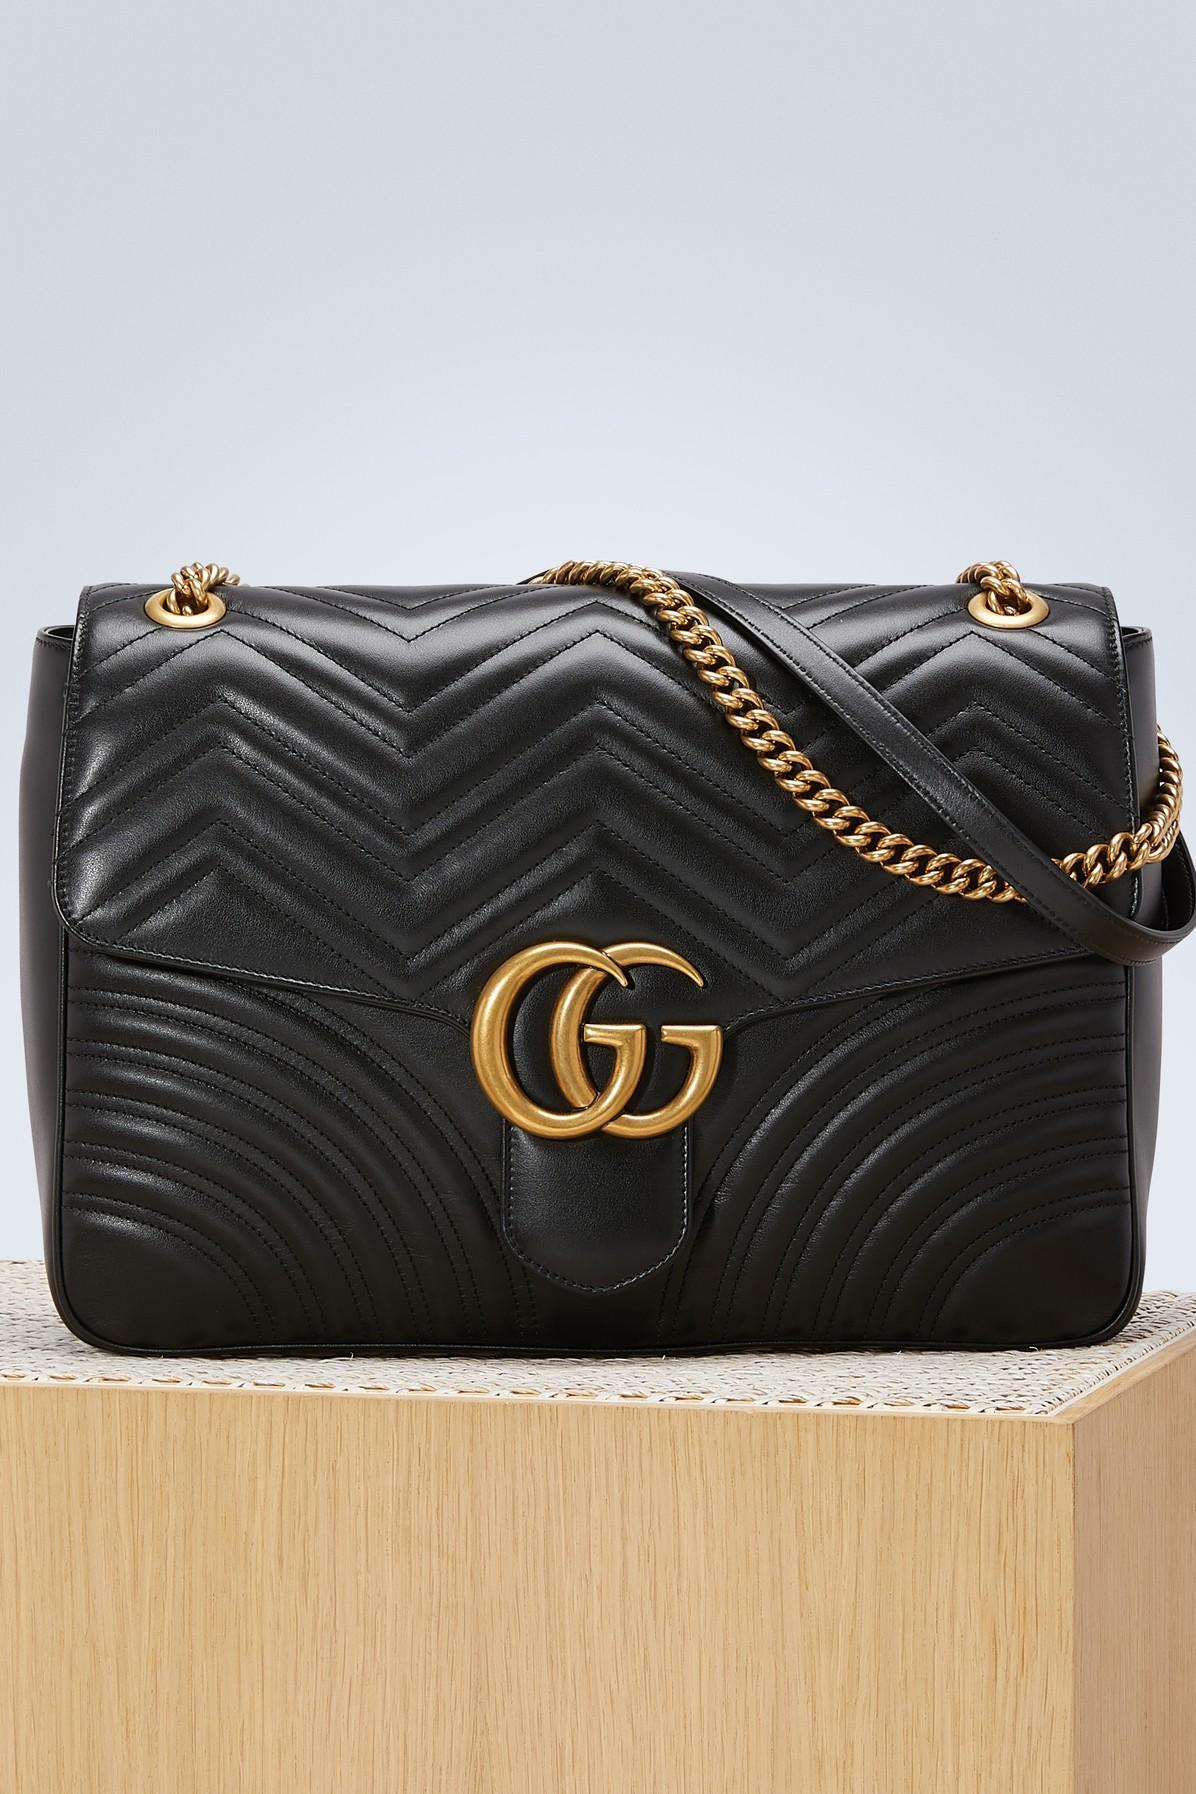 cd85d2283d9 Gucci Gg Large Marmont 2.0 Matelasse Leather Shoulder Bag - Black ...